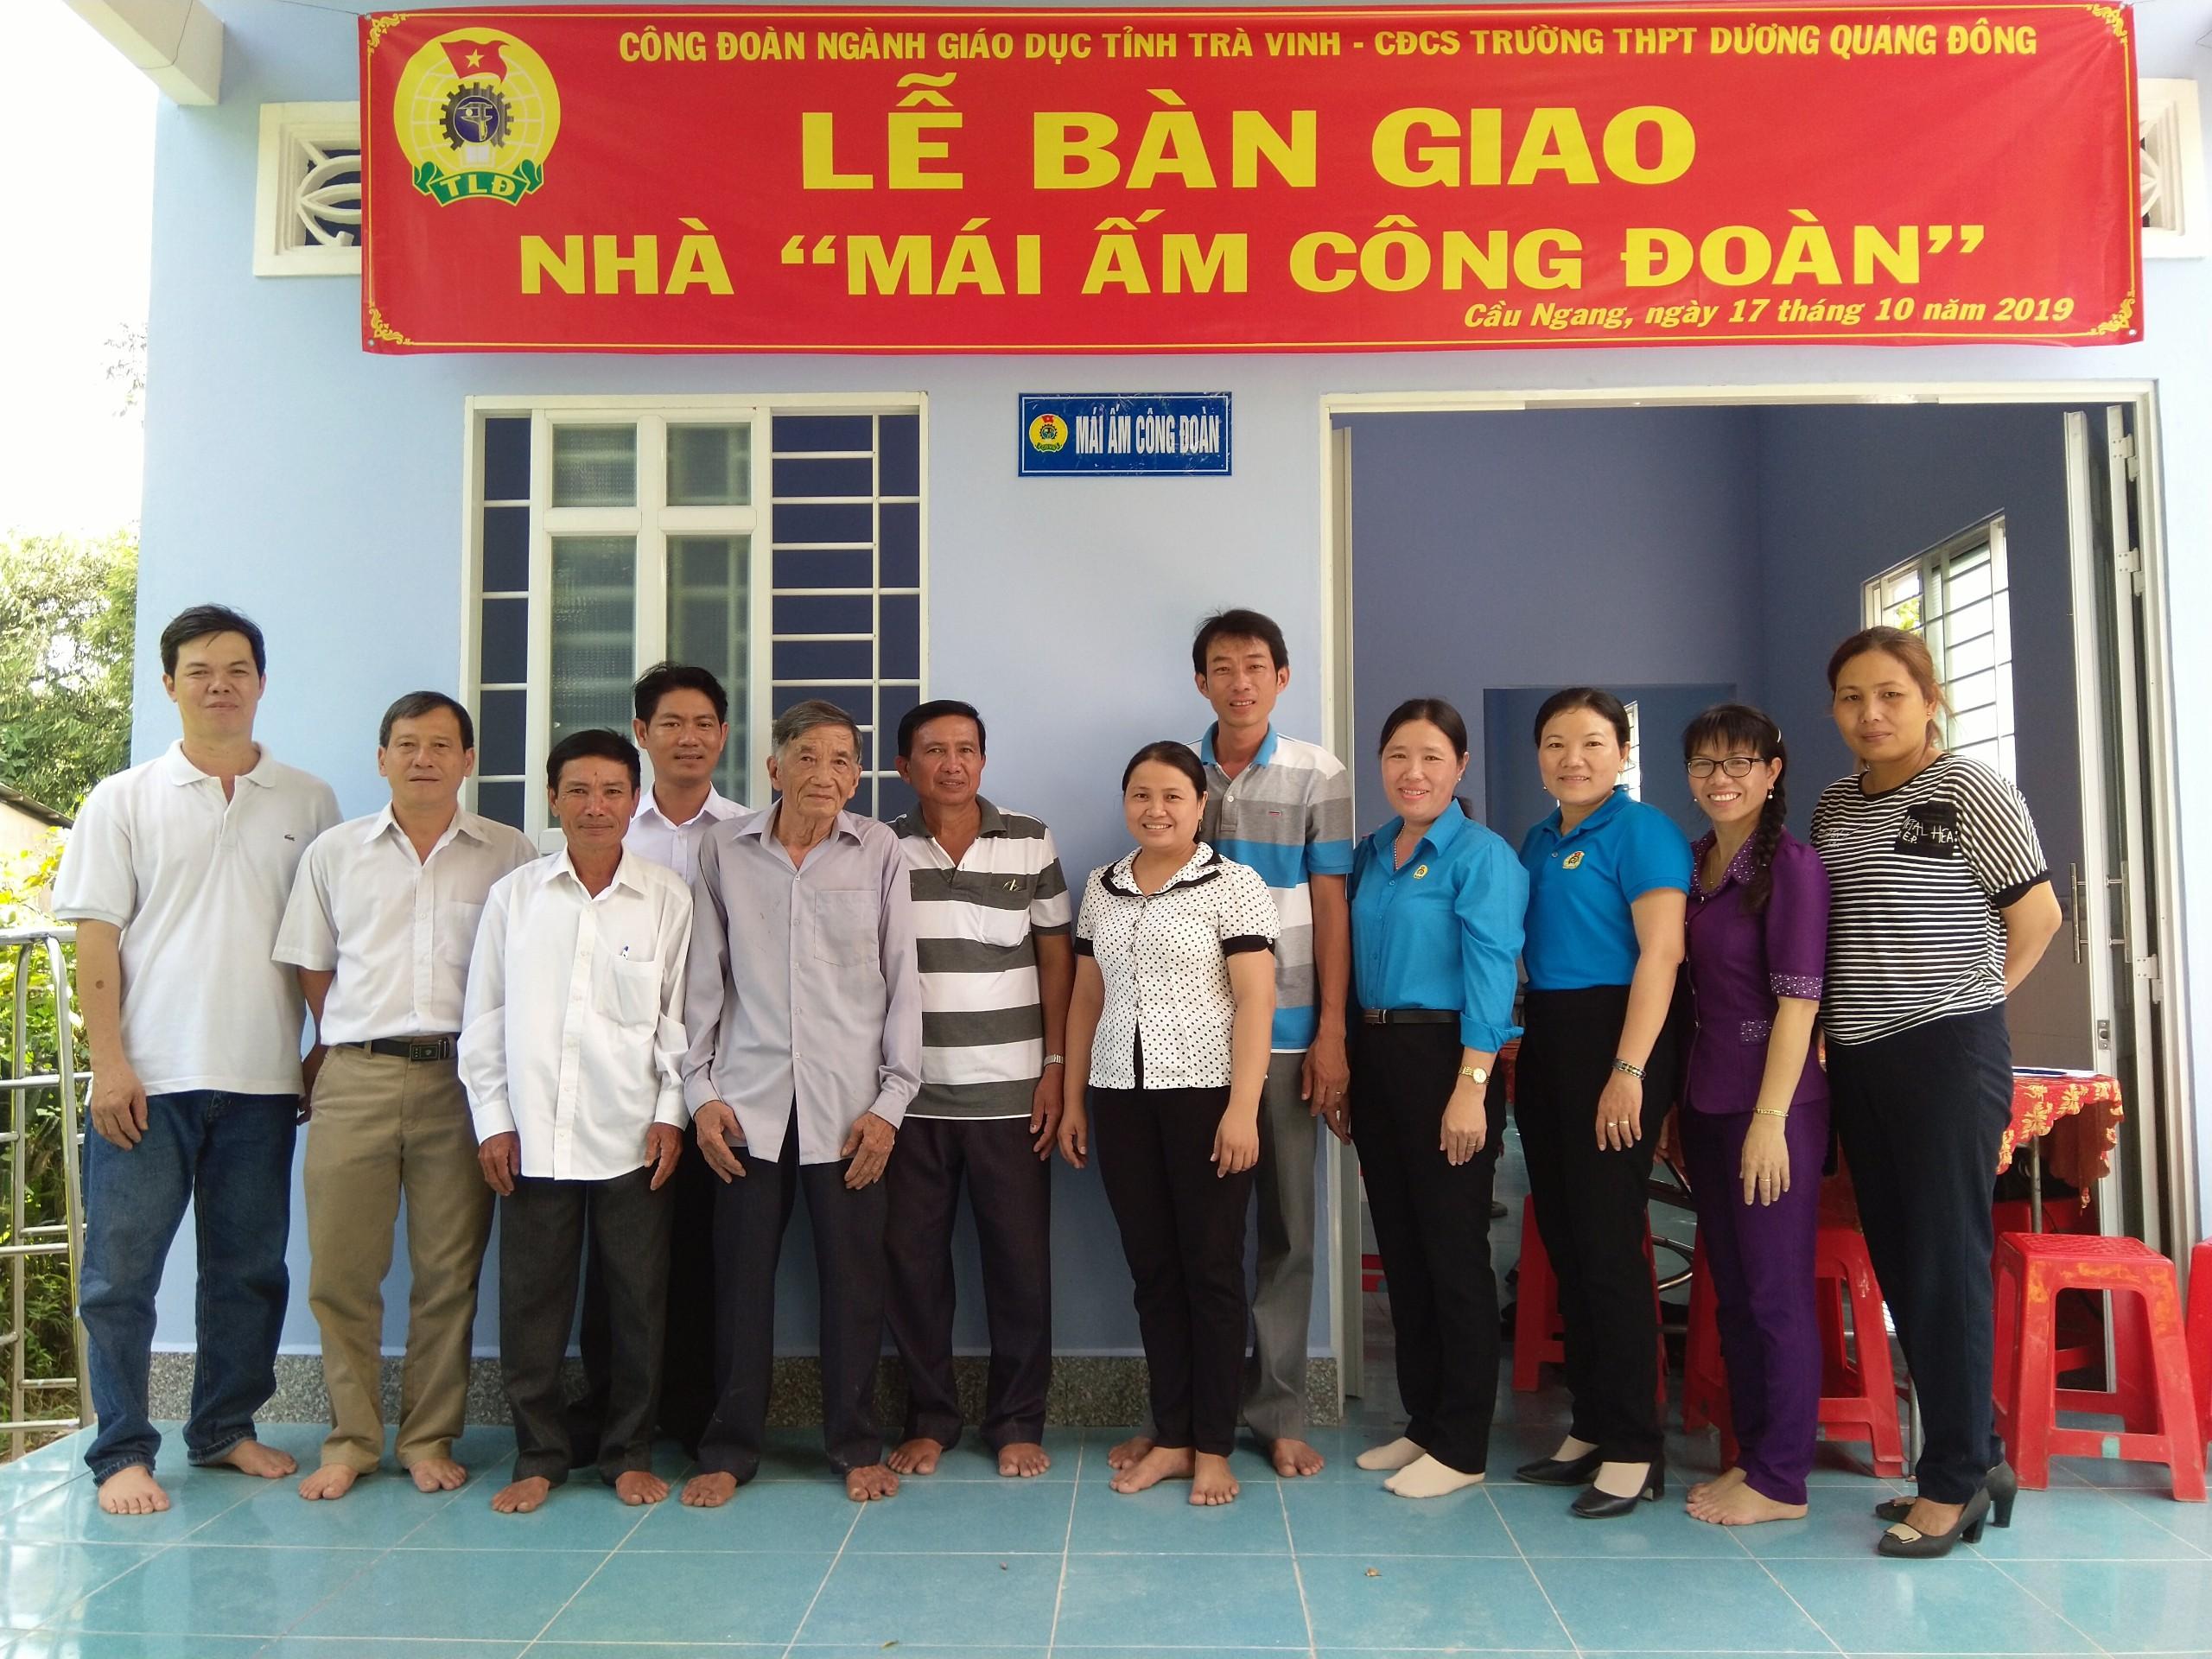 """Công đoàn ngành giáo dục bàn giao nhà """"Mái ấm công đoàn"""" cho Đoàn viên Trường THPT Dương Quang Đông"""